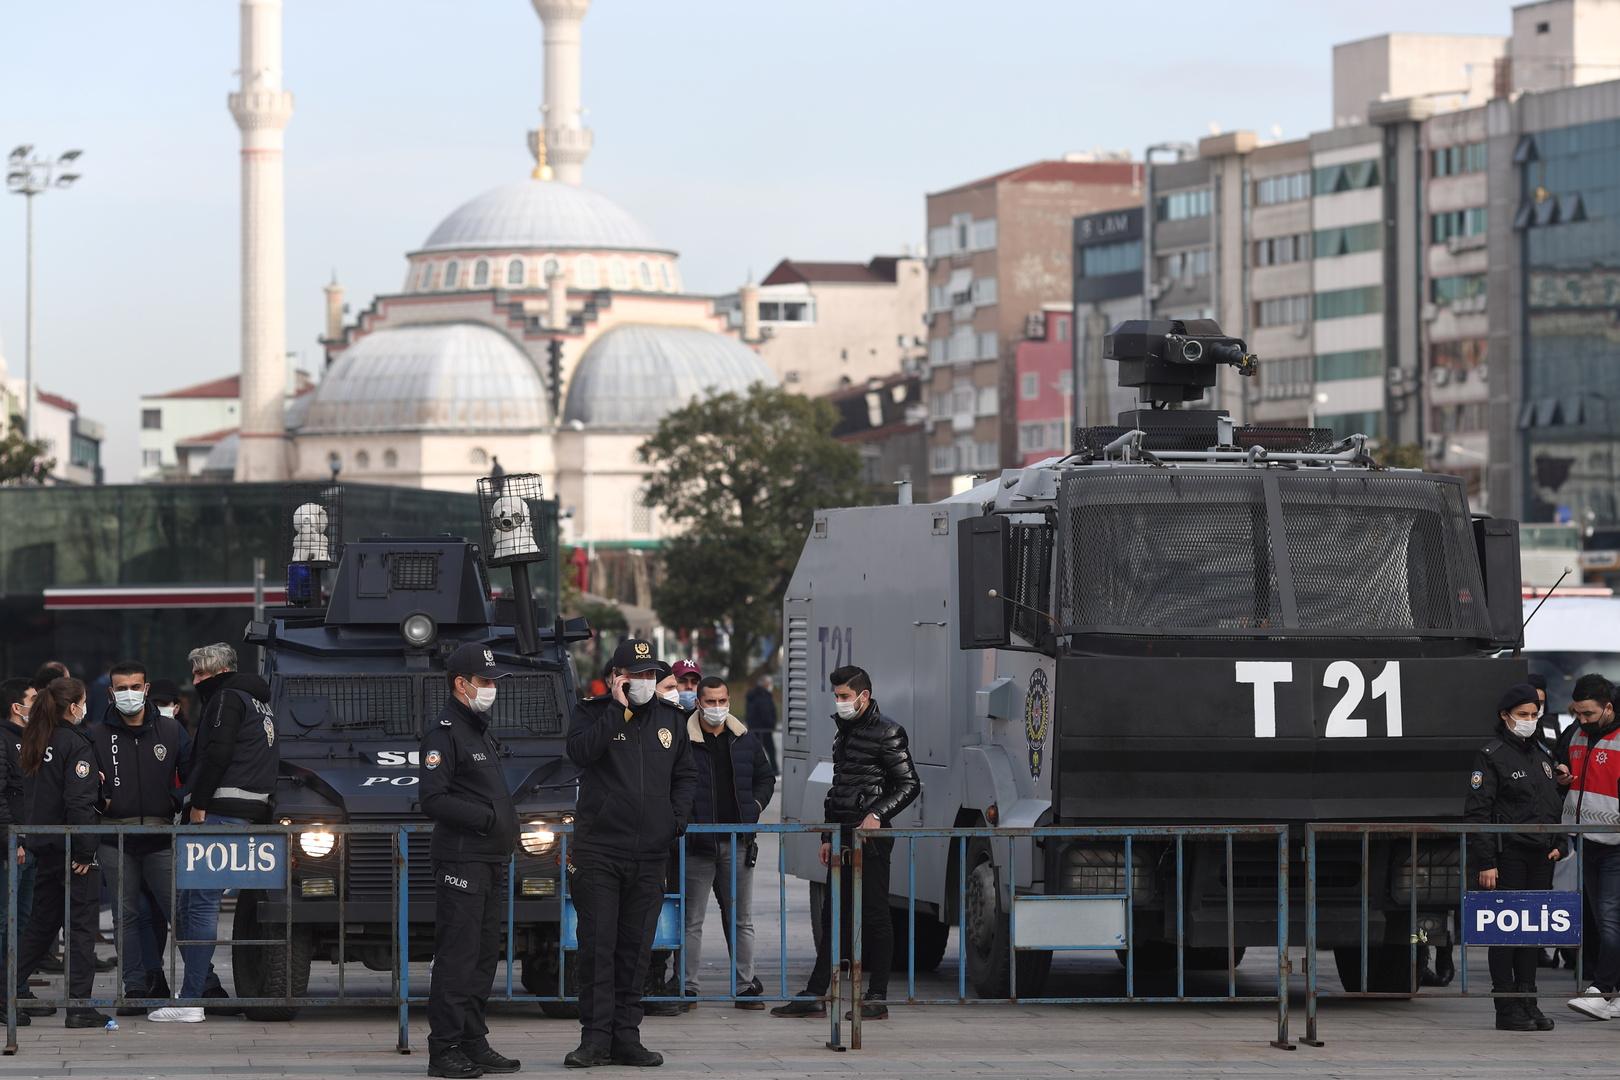 الشرطة التركية تبعد أتباع زعيم ديني عن 3 مساجد لانتهاكهم قيود كورونا